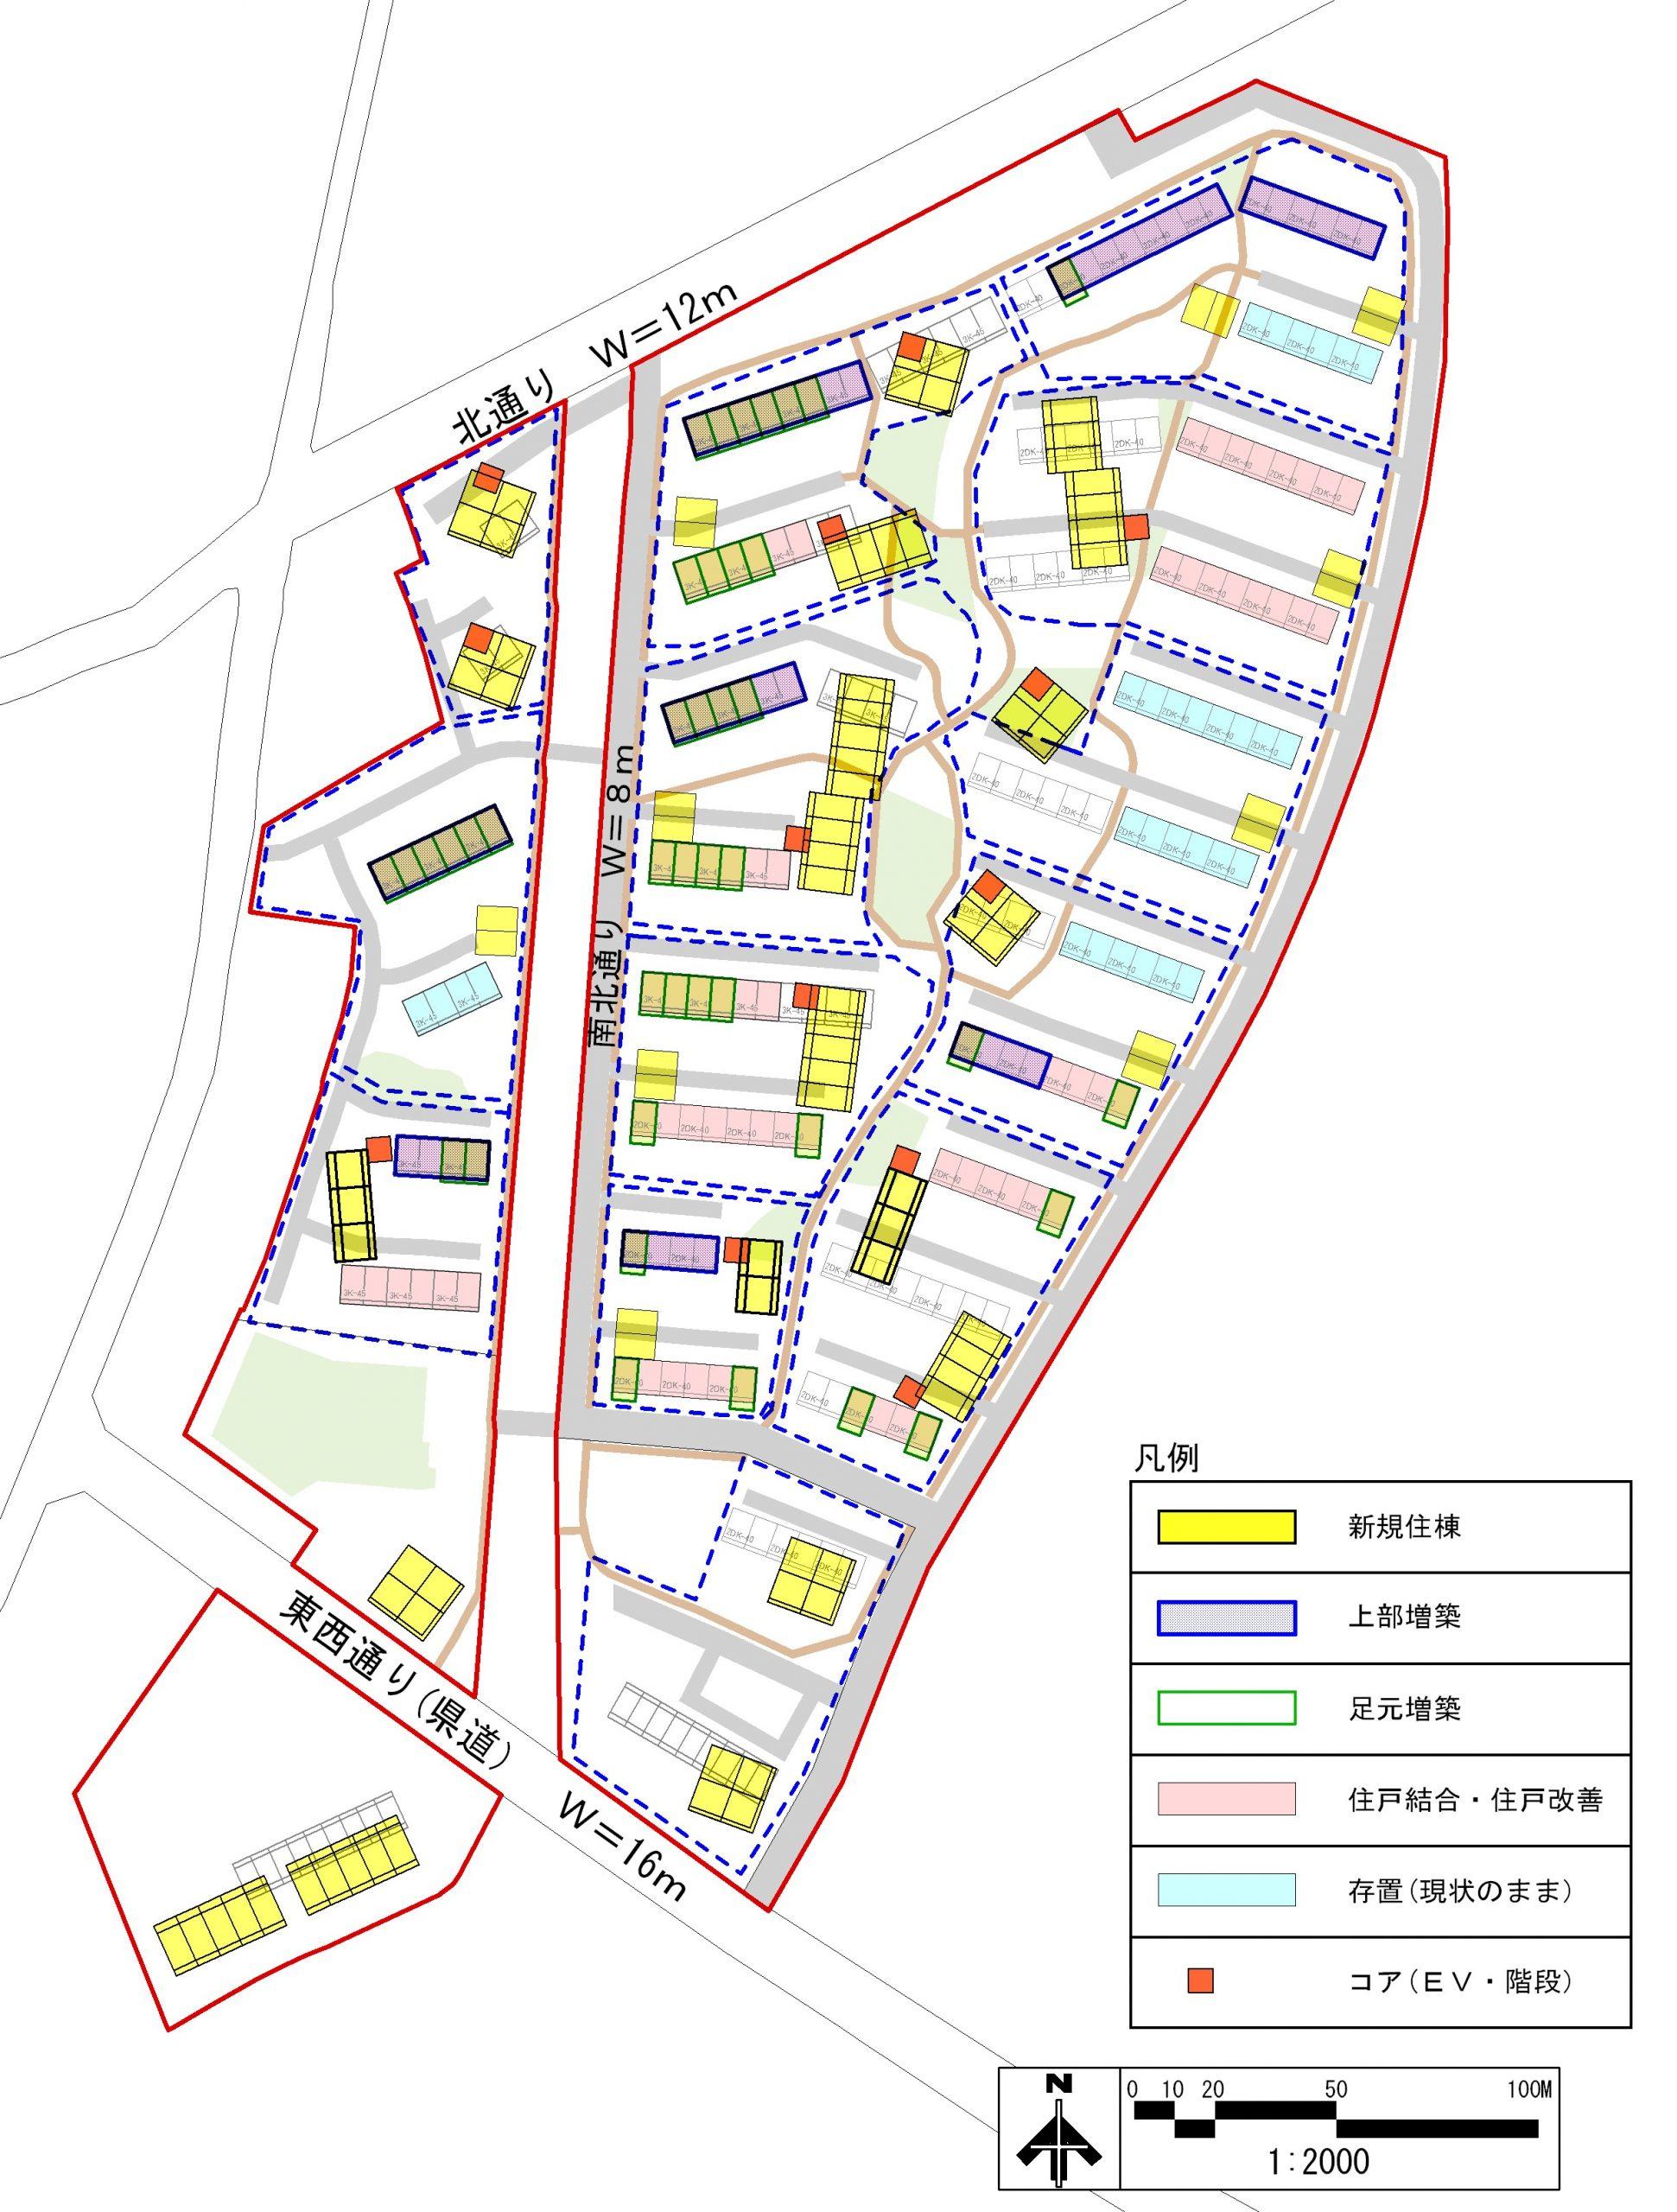 既存共同住宅団地の再生に関する総合検討調査